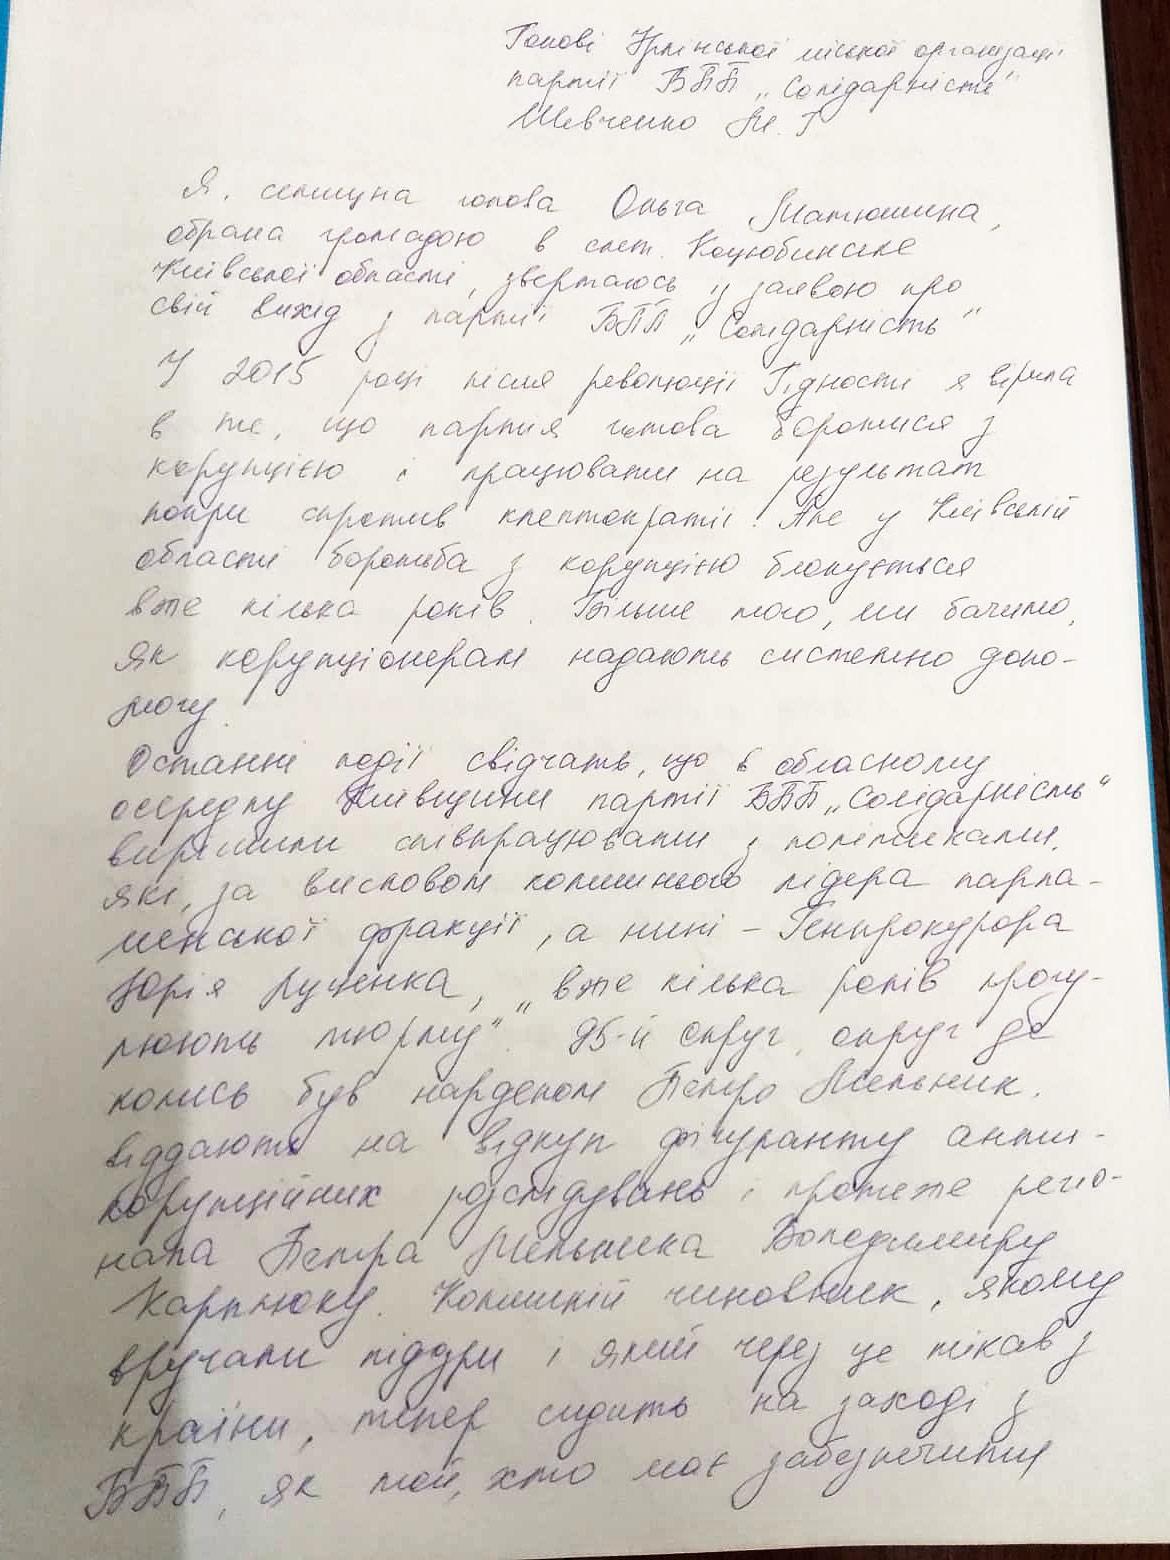 https://img.pravda.com/images/doc/1/d/1d48064-matyshina3.jpg